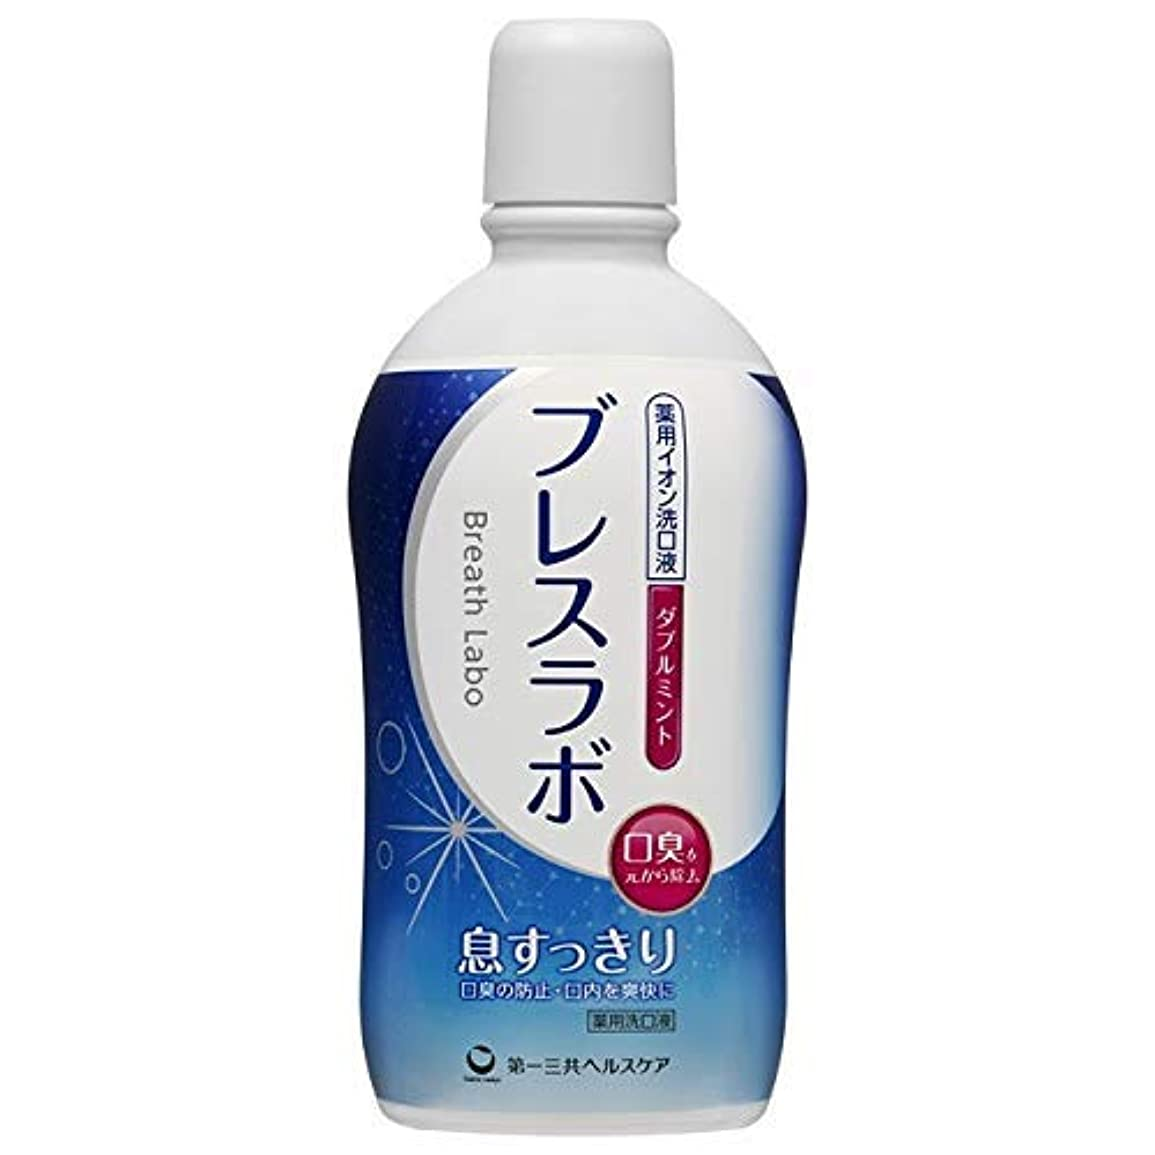 イソギンチャク広く無駄だ第一三共ヘルスケア 薬用イオン洗口液 ブレスラボ マウスウォッシュ ダブルミント 450mL